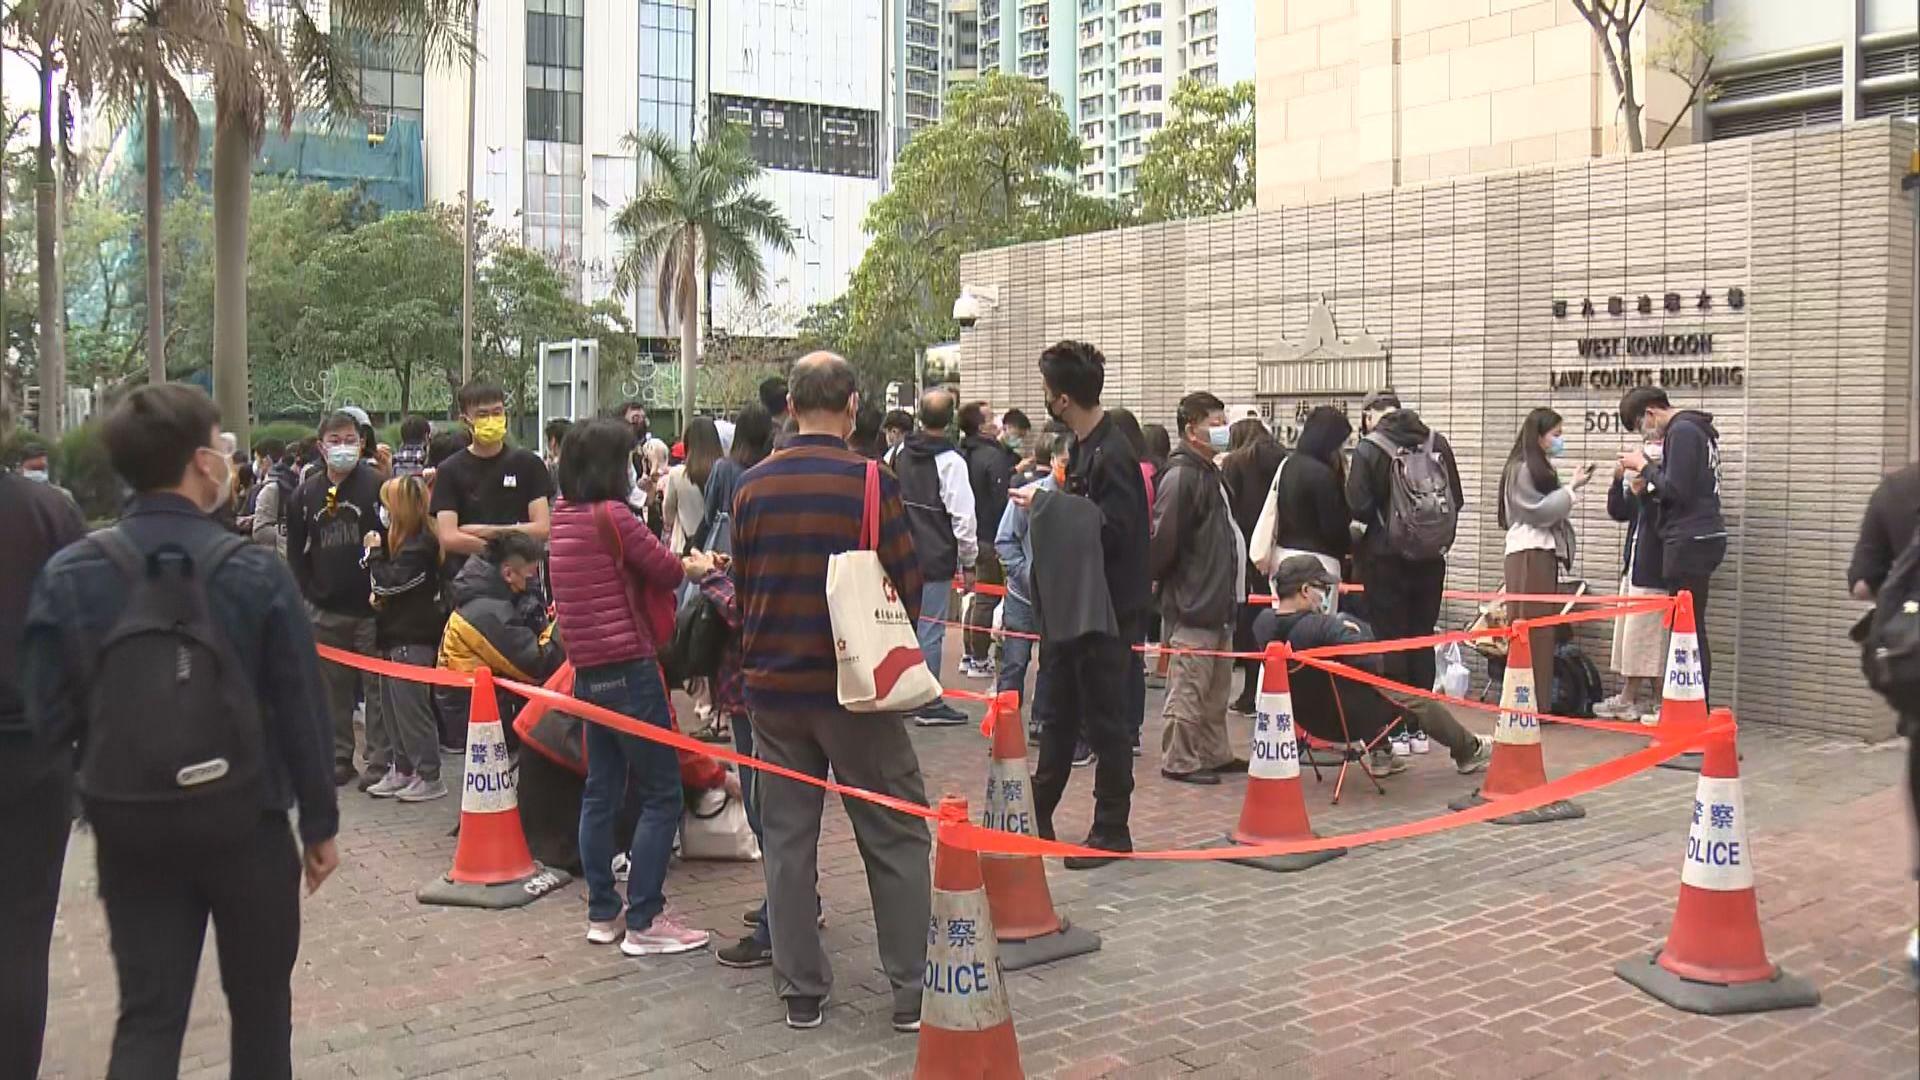 47人被控串謀顛覆國家政權 多國外交人員排隊入法院旁聽